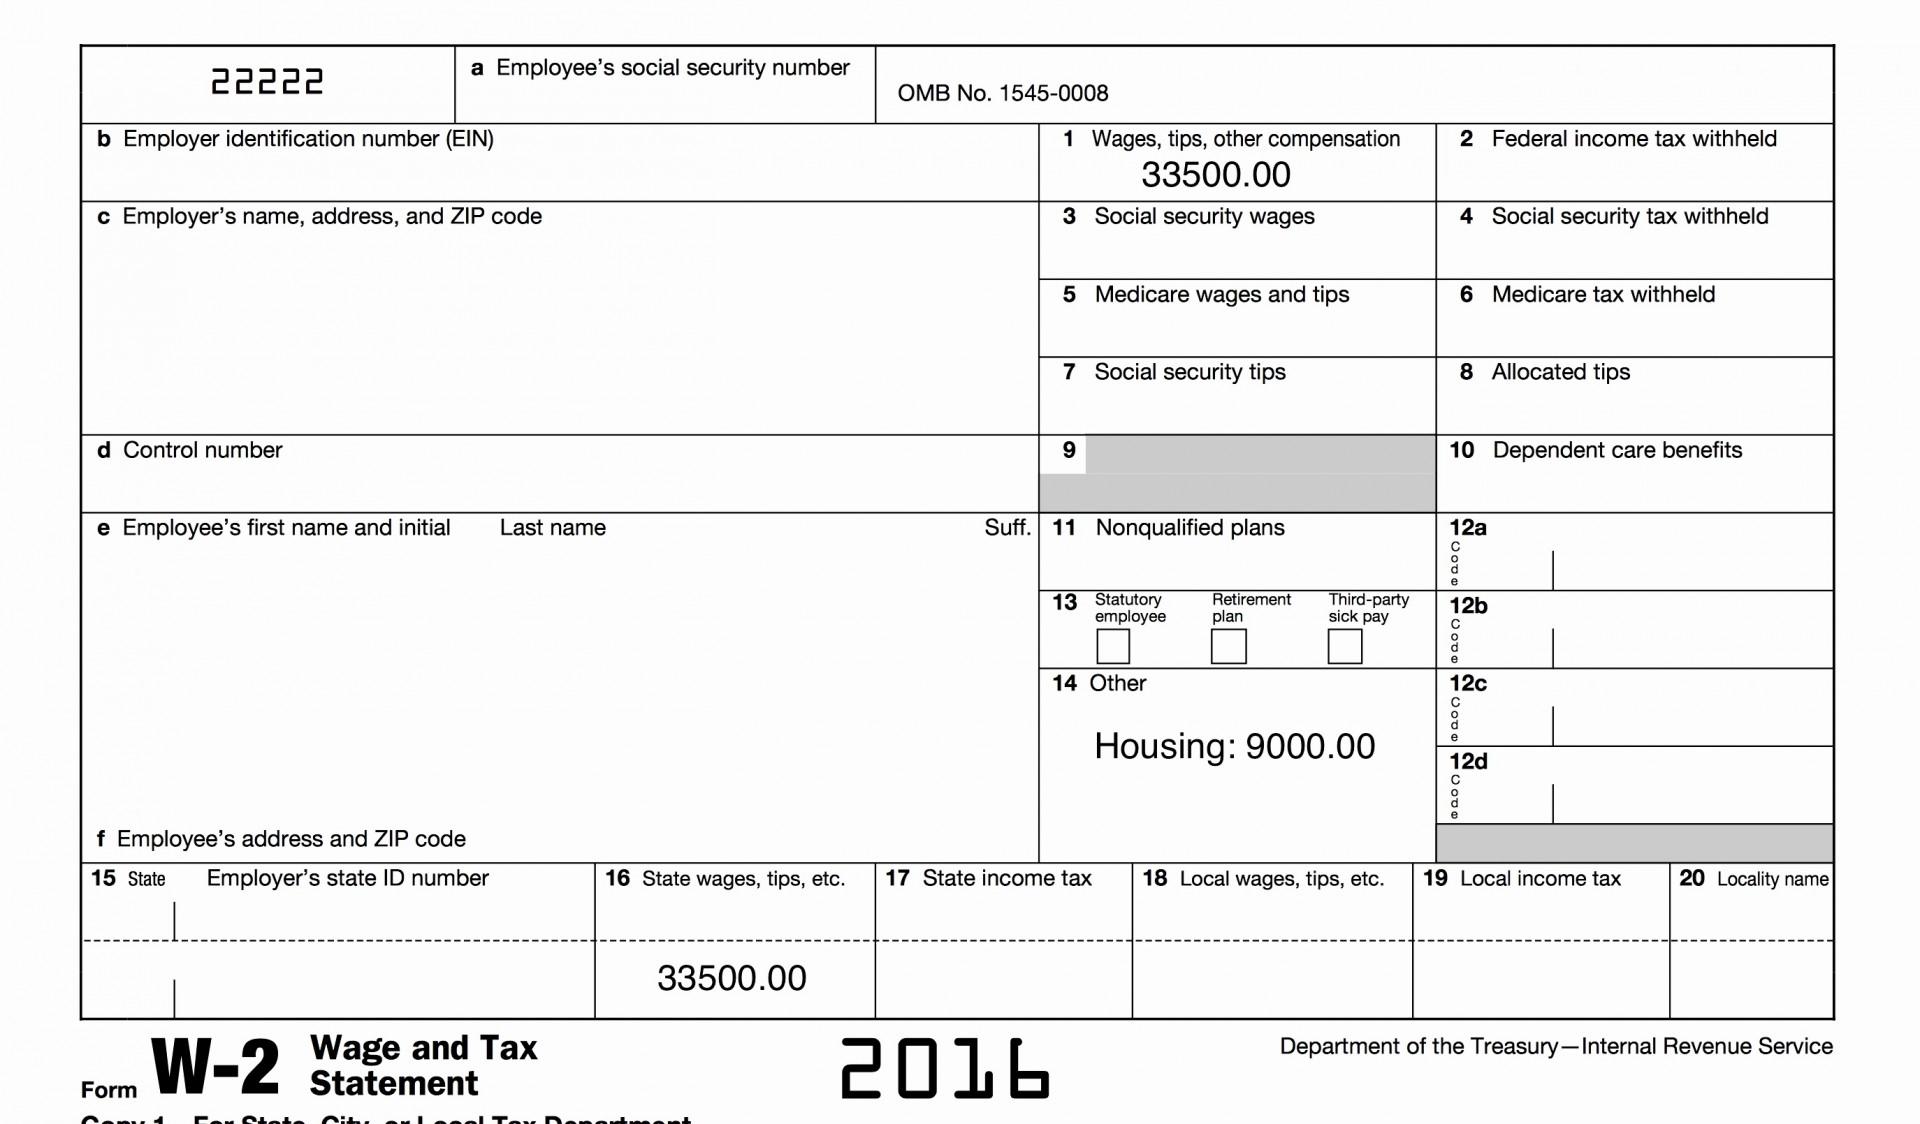 Roi Calculation Spreadsheet Throughout 023 Roi Calculator Excel Template Elegant Calculation Spreadsheet